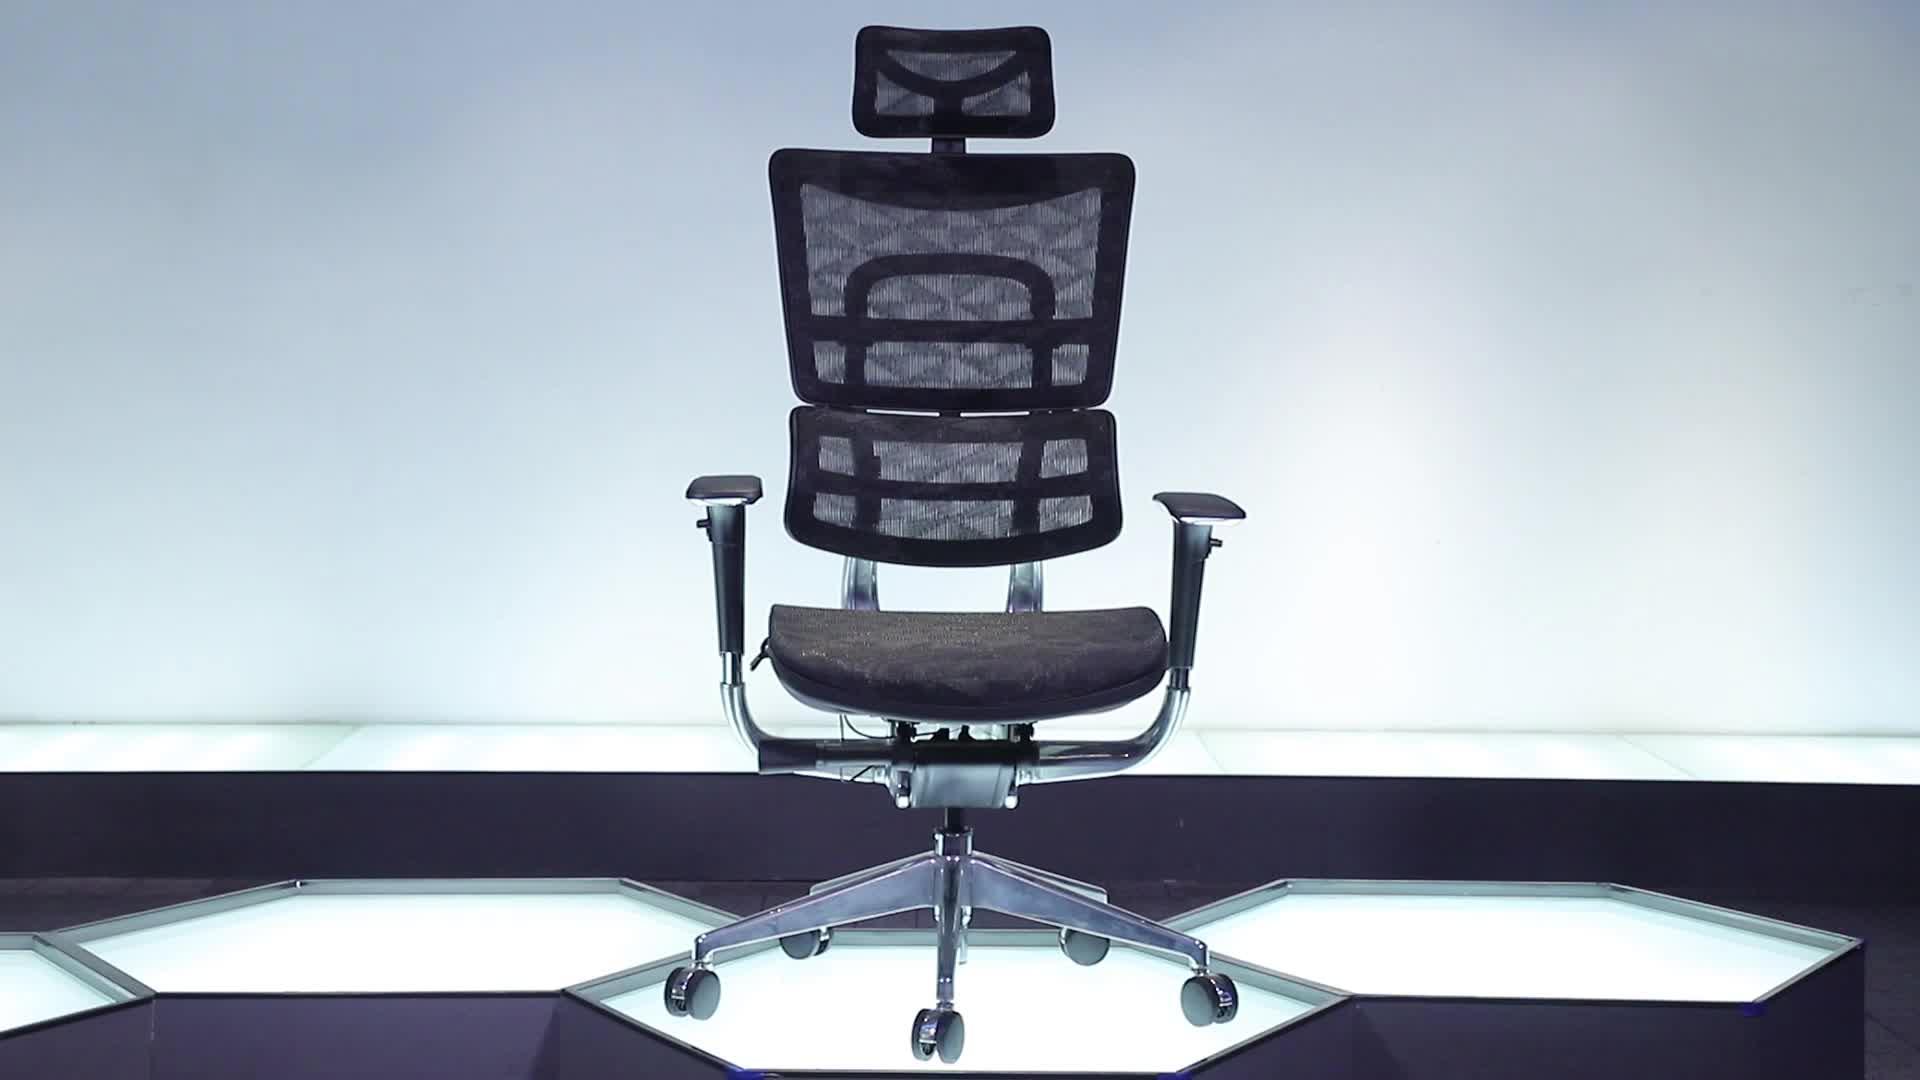 Foshan Ergonomis Manager Mesh Kain Kenyamanan Tempat Duduk Vanbow Swing Seat Kursi Kantor